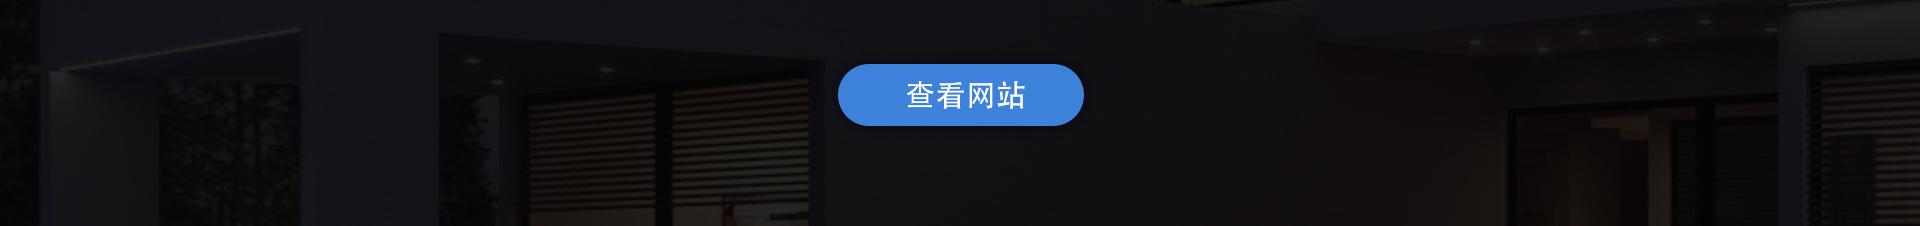 宁波飞色-葛海松-云企案例设计简介-北京江山鑫福展览展示有限公司_02